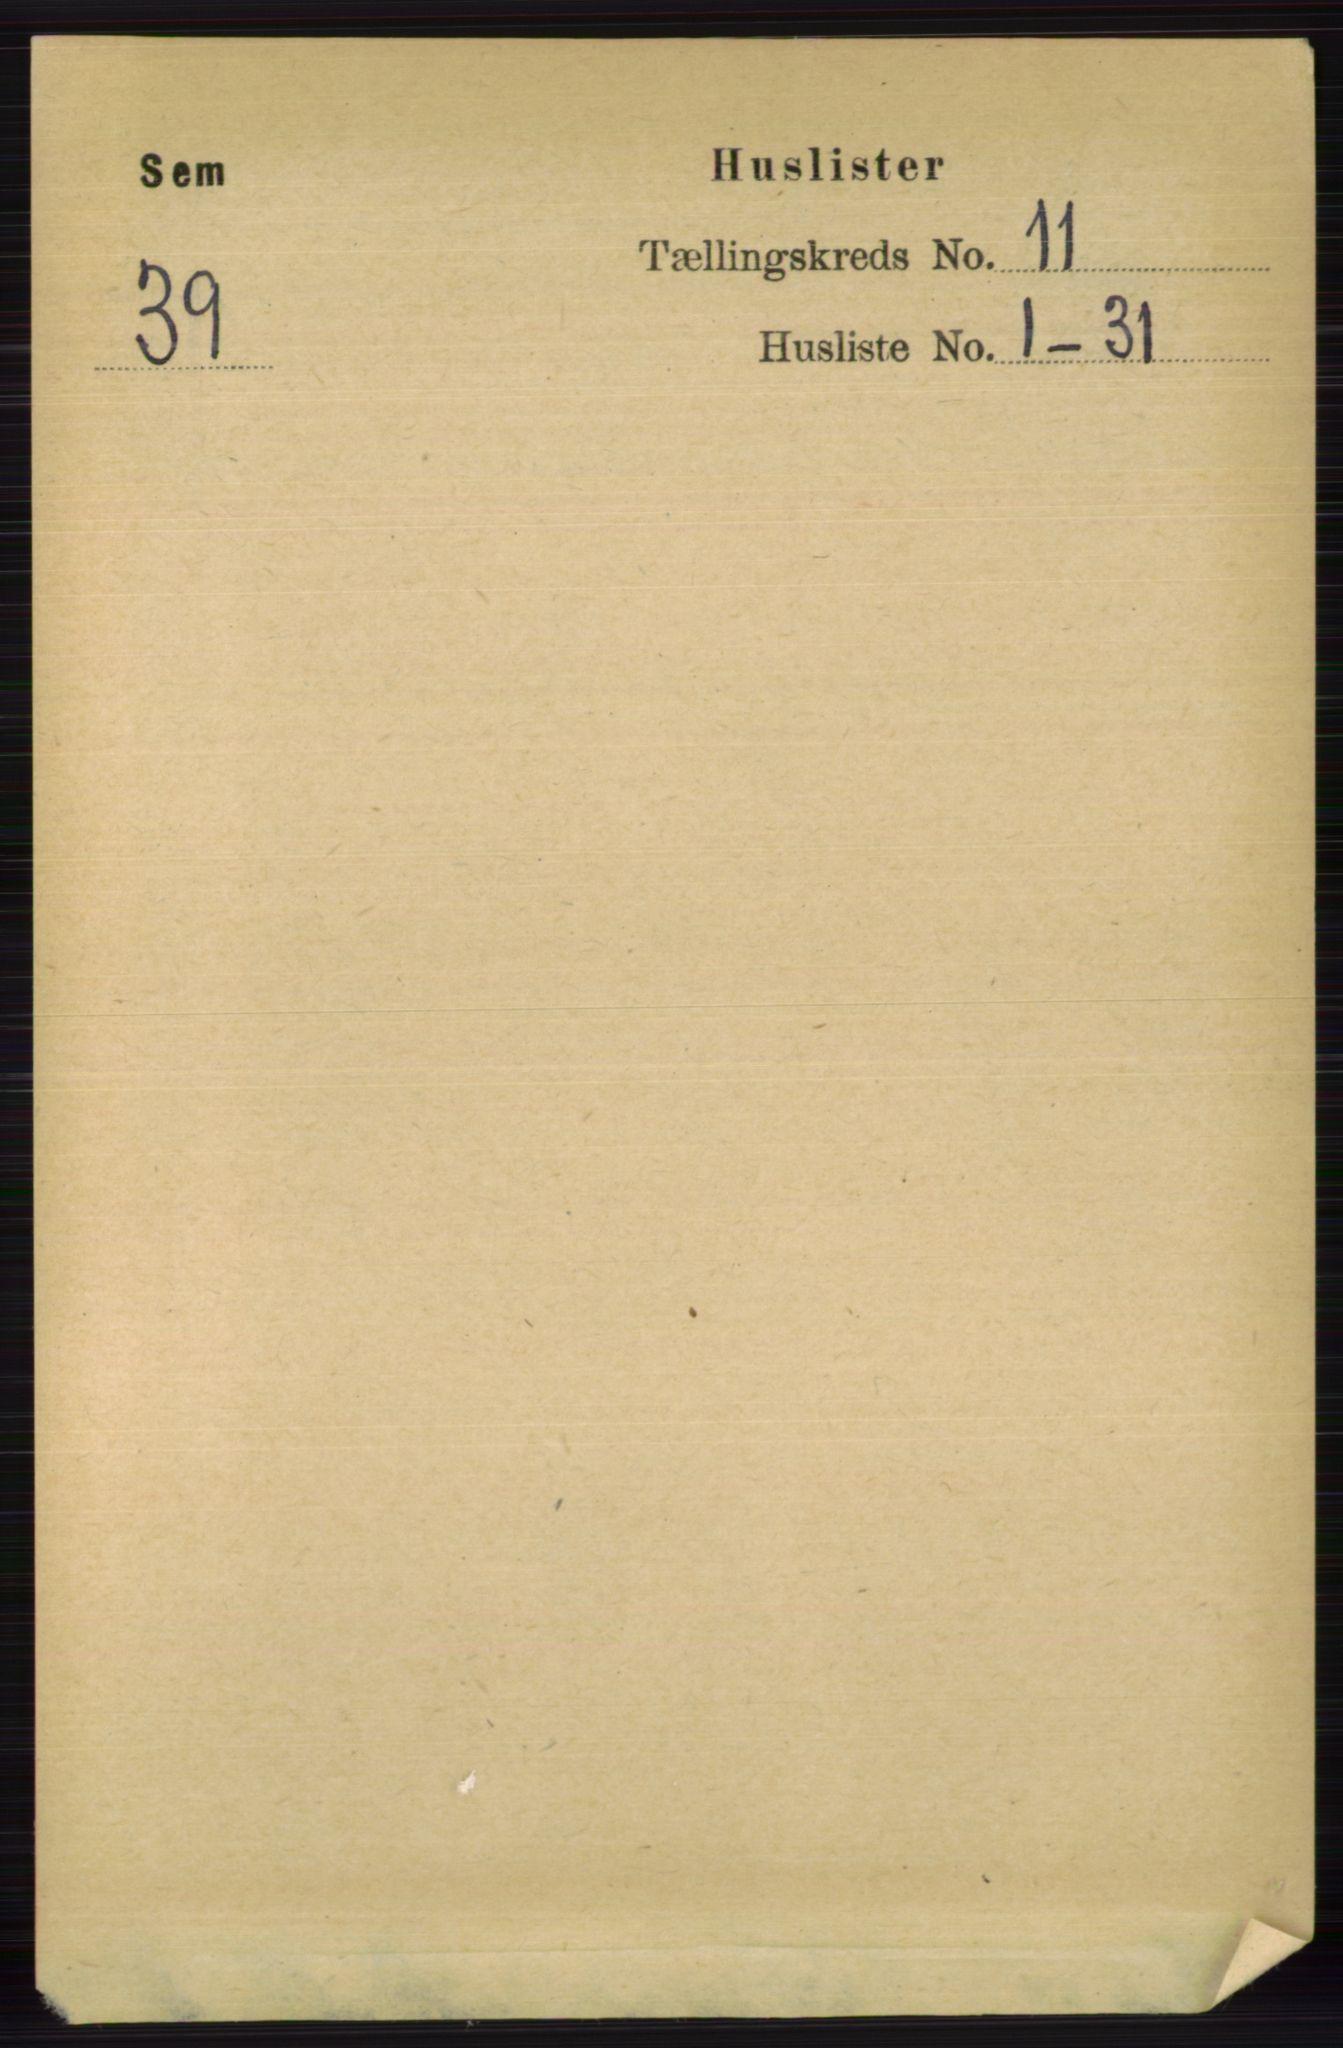 RA, Folketelling 1891 for 0721 Sem herred, 1891, s. 5314